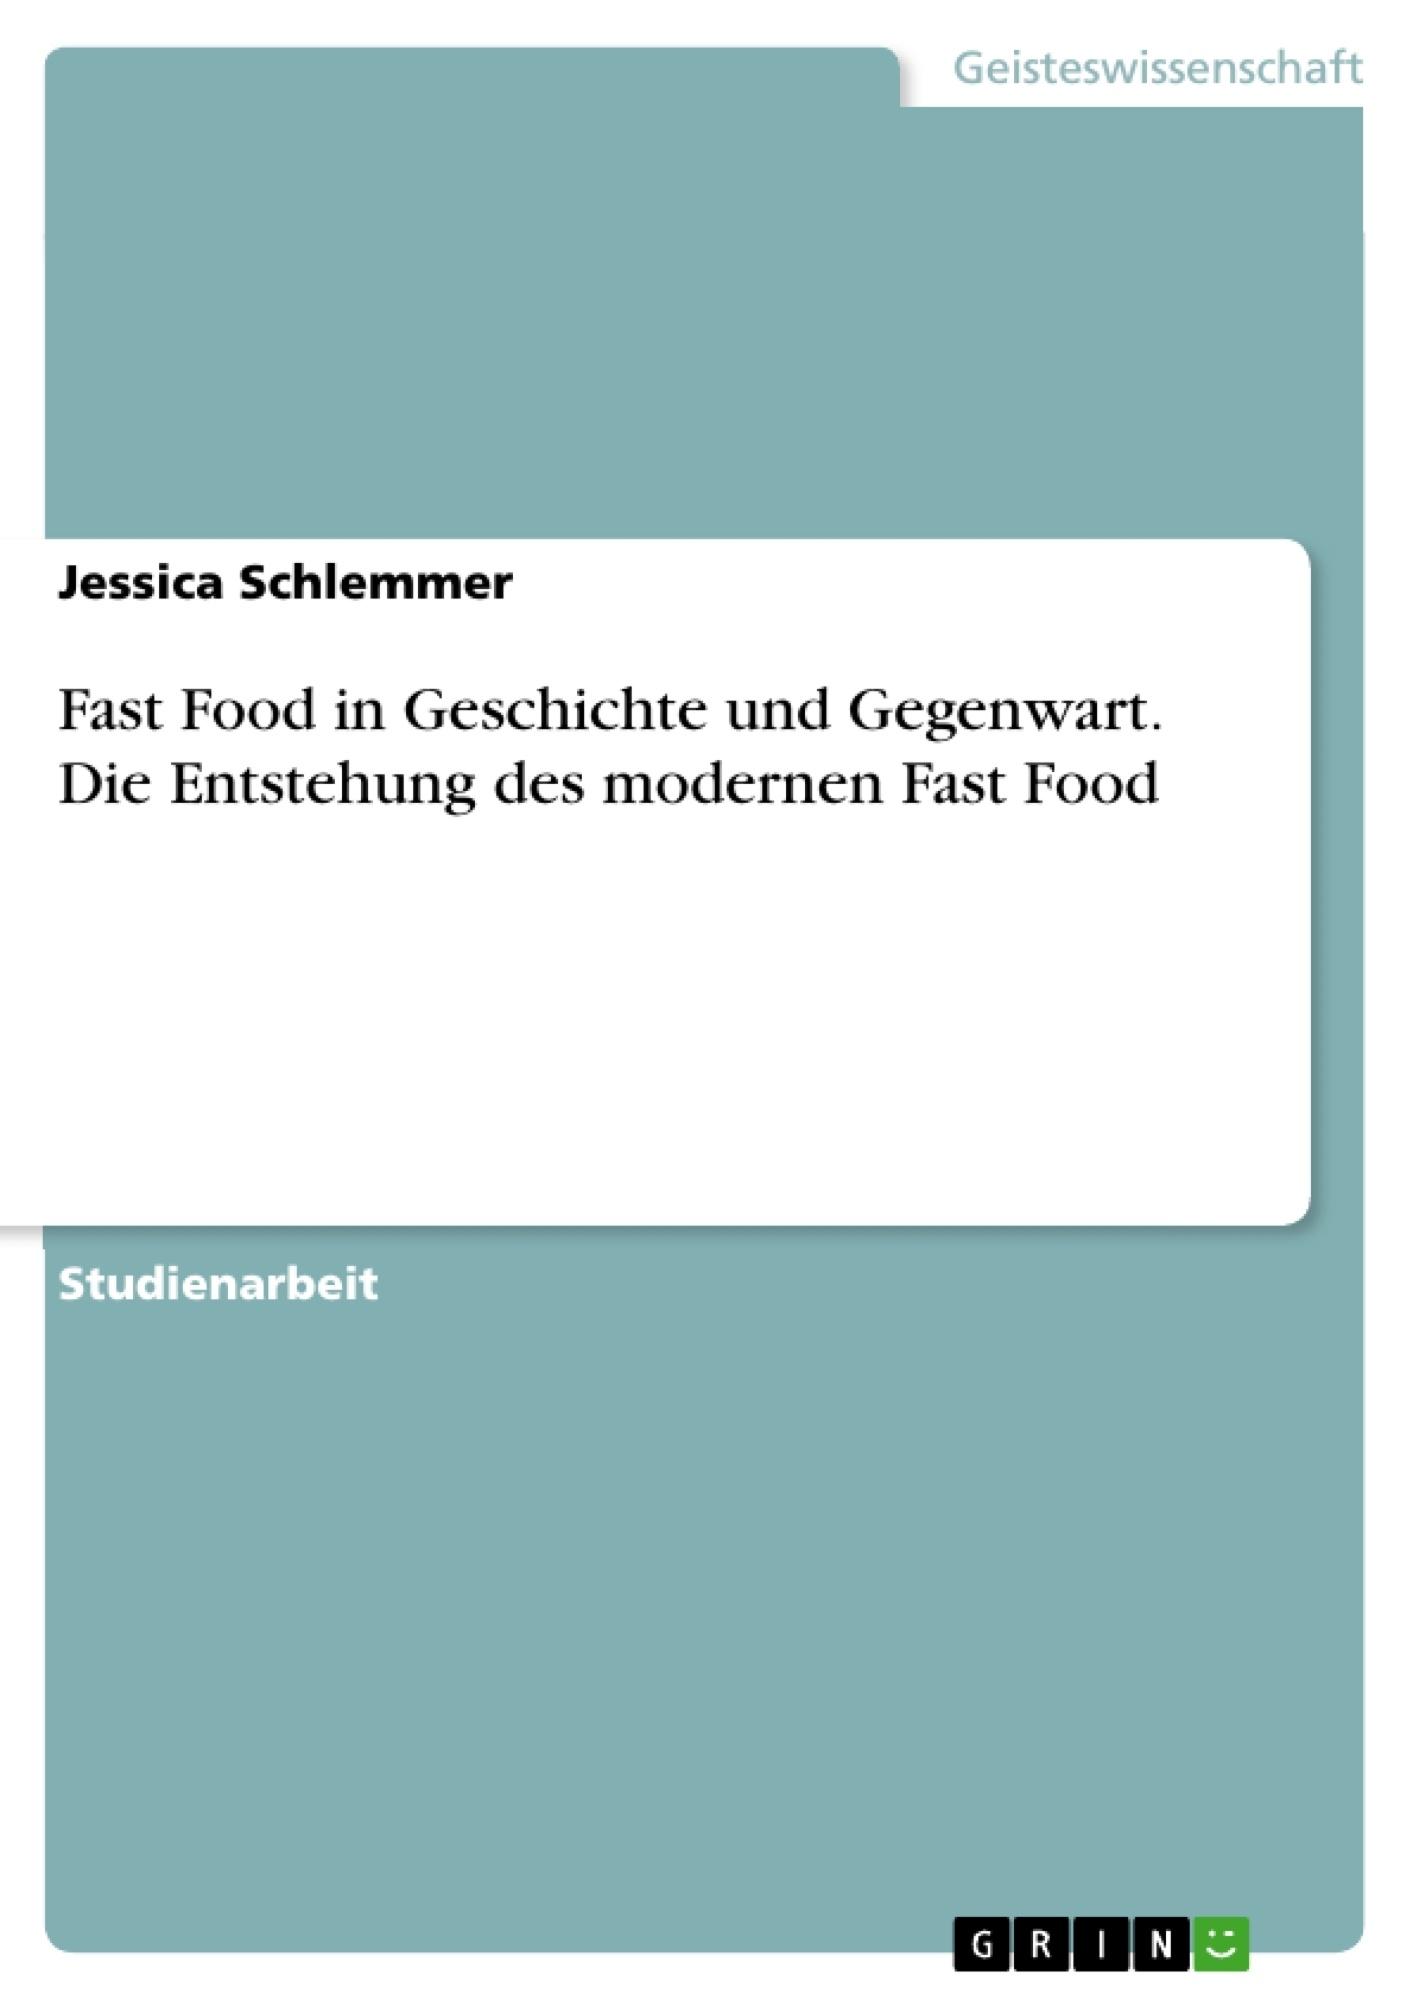 Titel: Fast Food in Geschichte und Gegenwart. Die Entstehung des modernen Fast Food